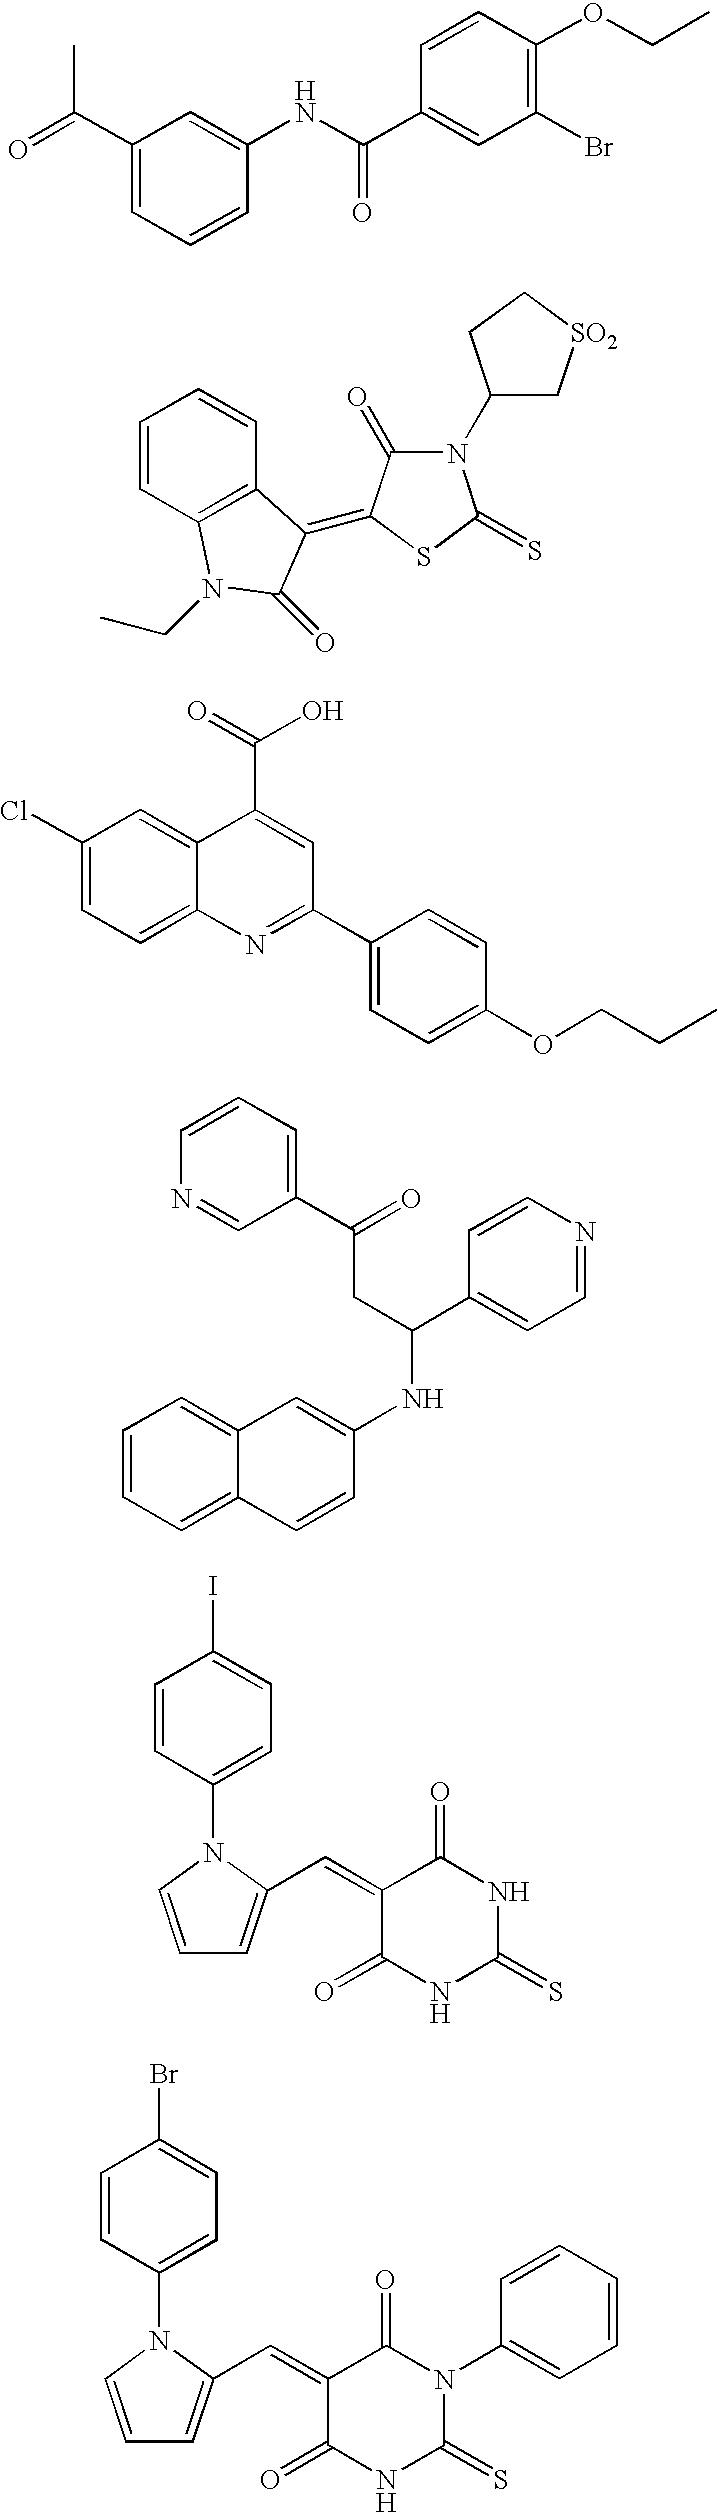 Figure US08119656-20120221-C00022